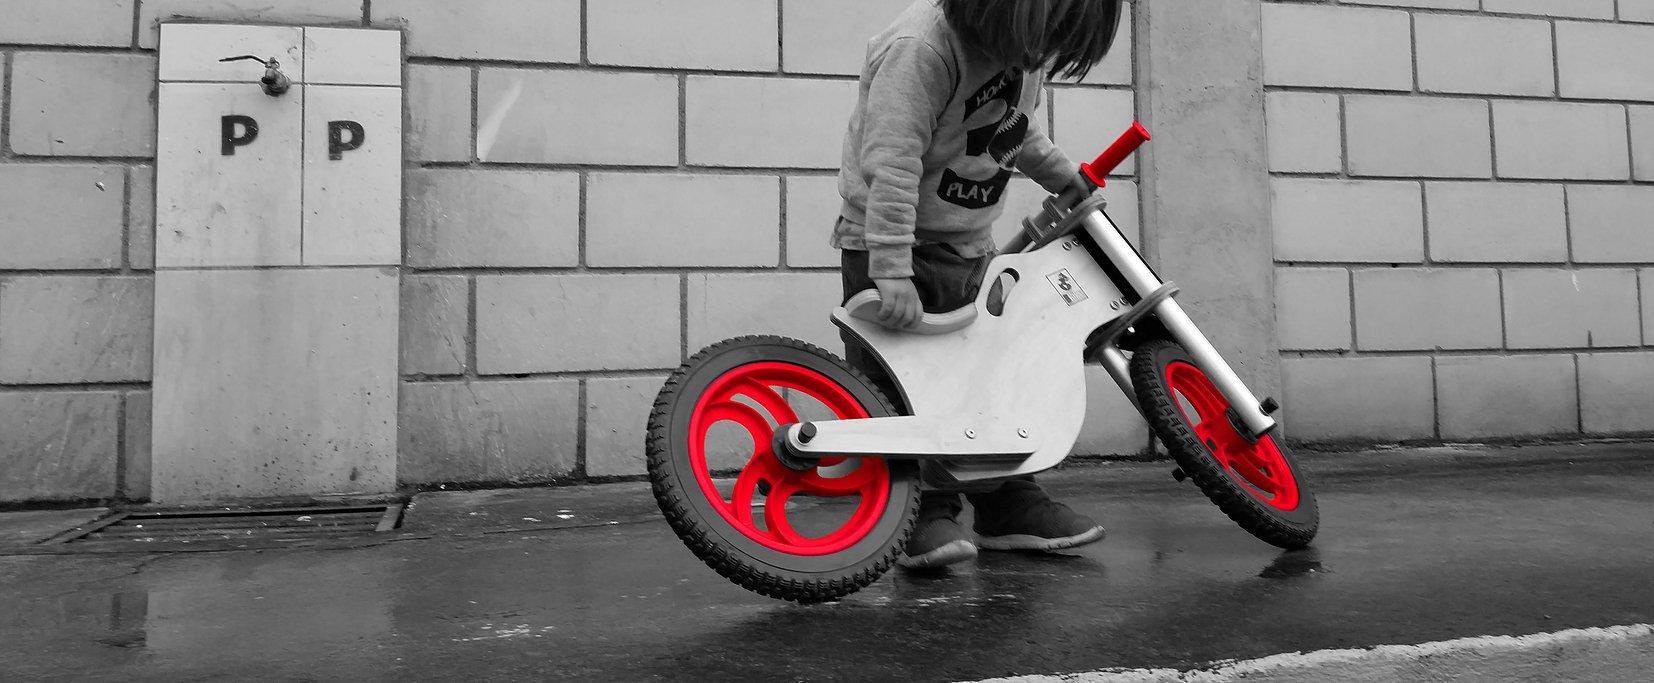 Bicicleta sem pedal vermelha